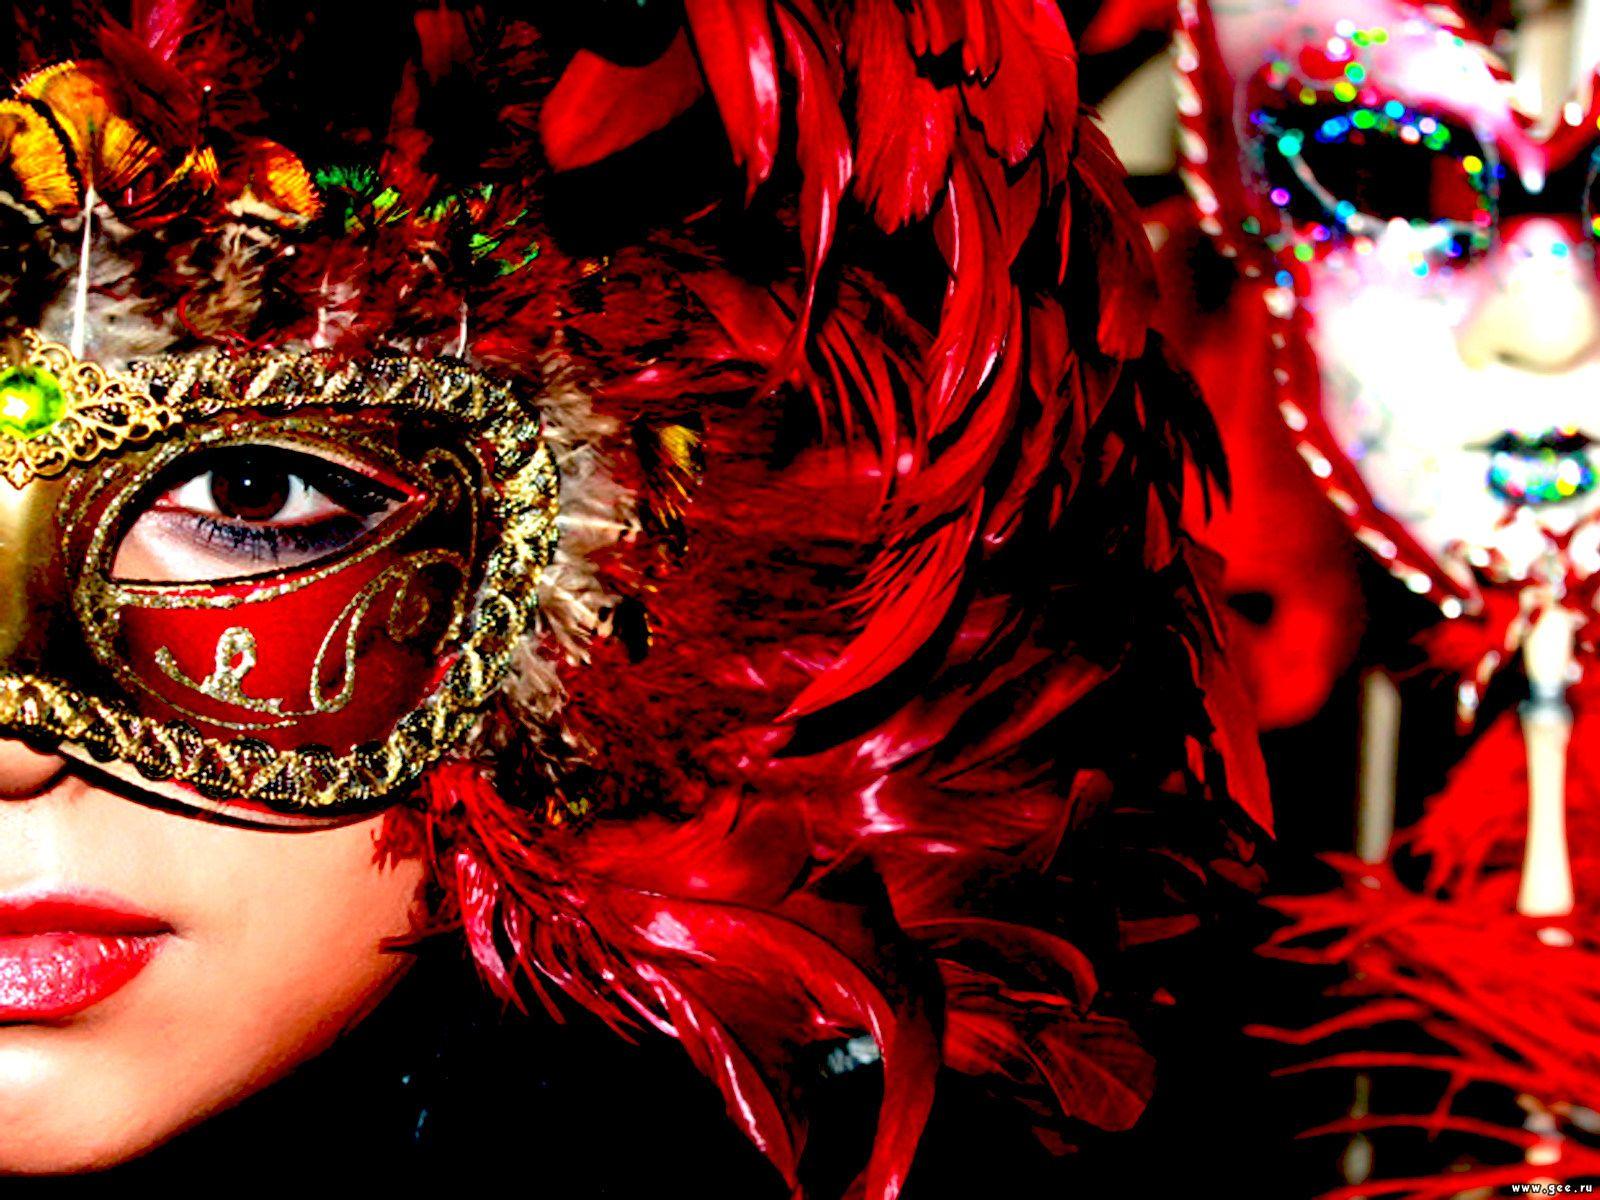 壁紙 祝日 カーニバルと仮面舞踏会 ダウンロード 写真